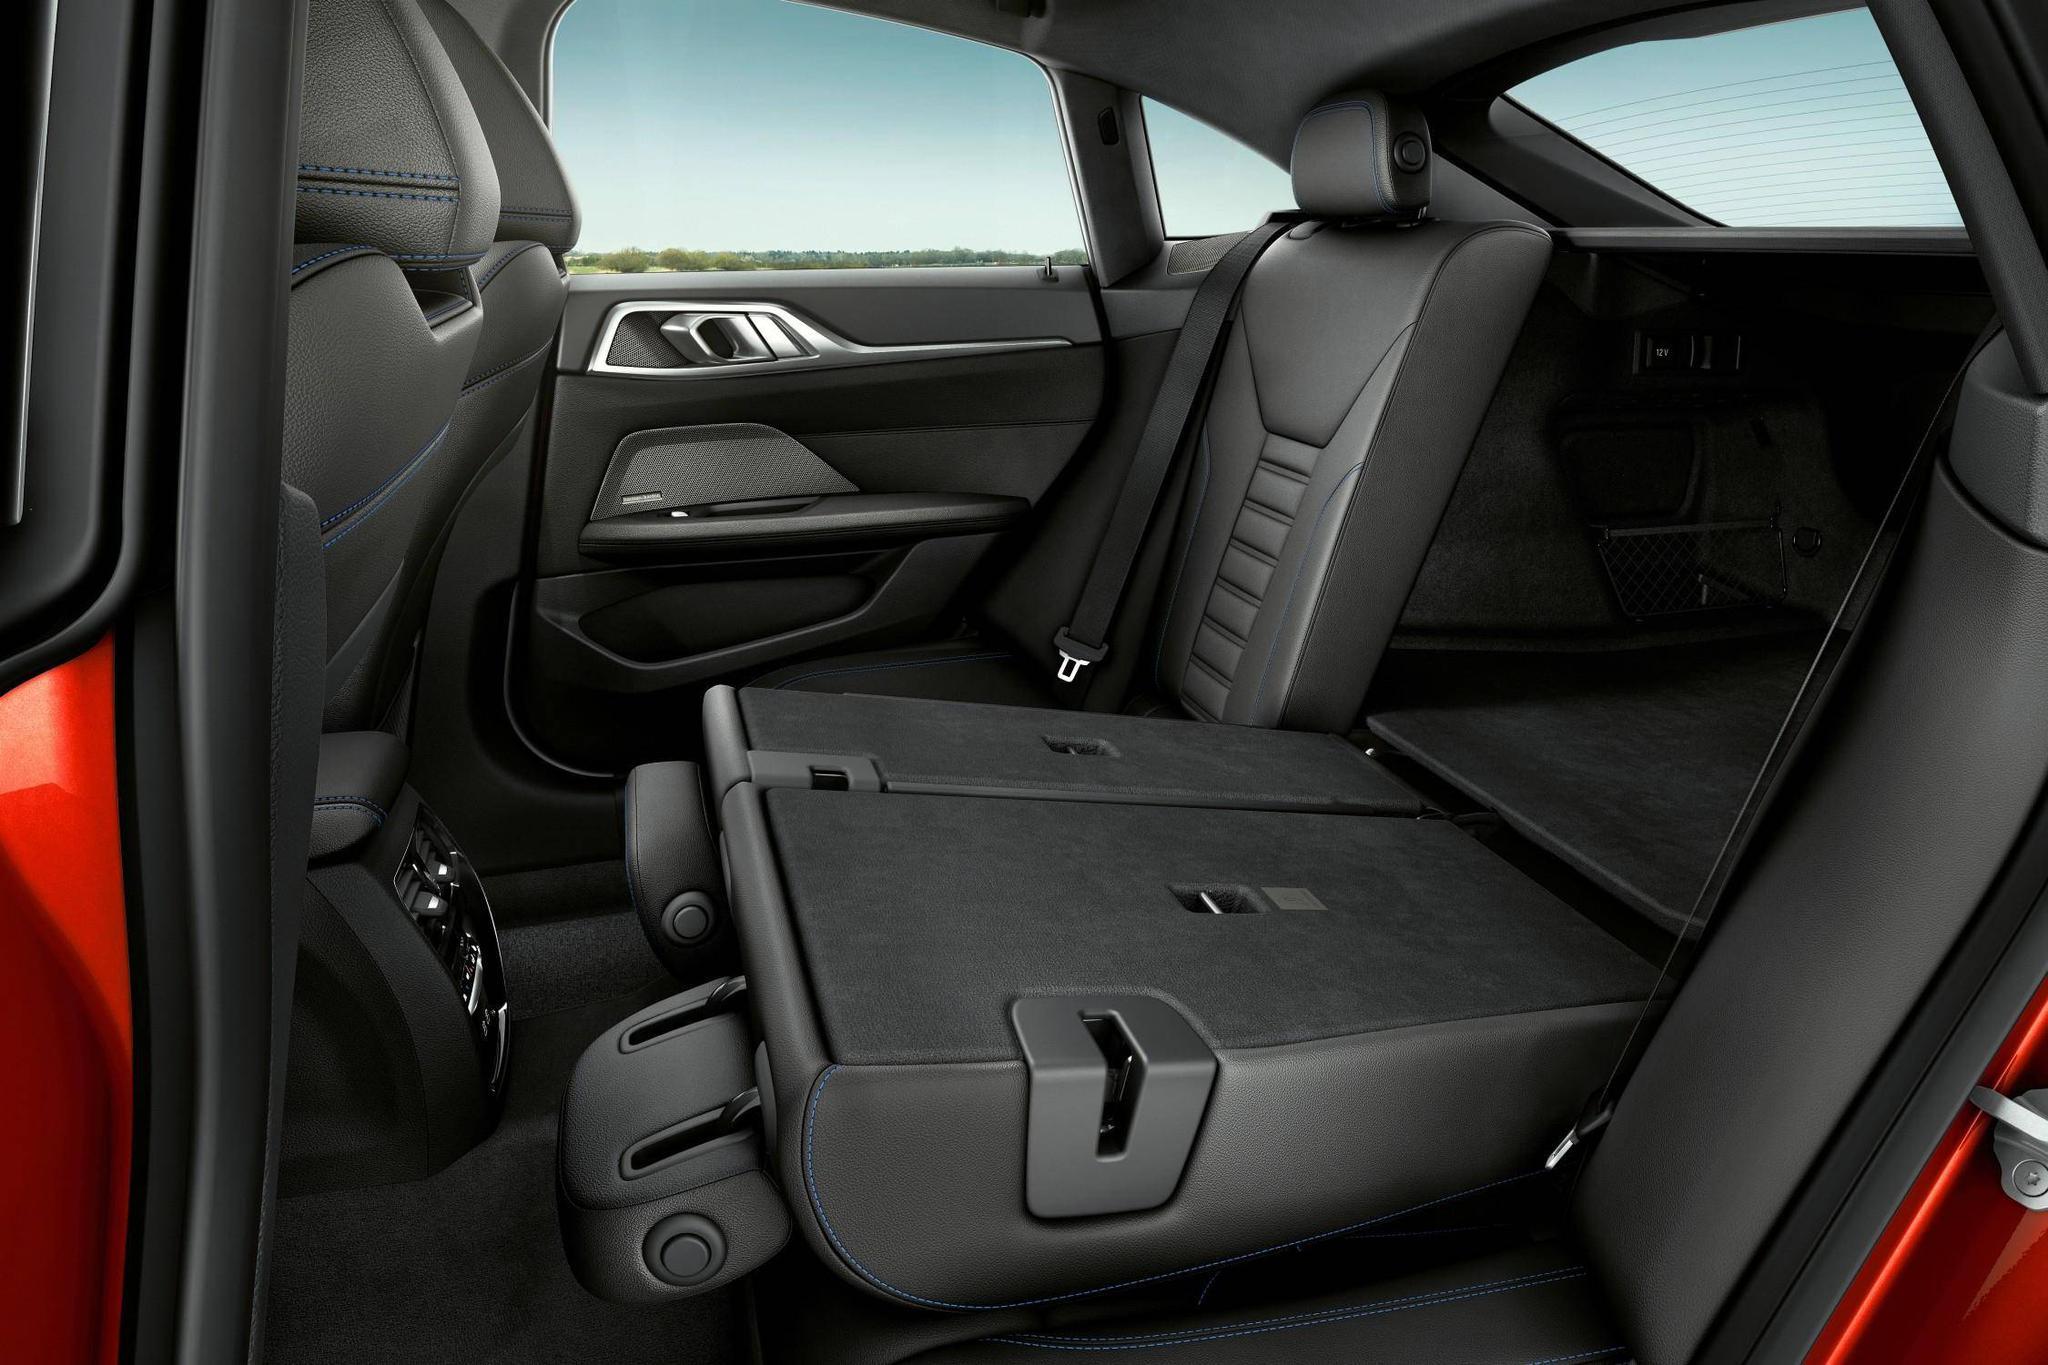 宝马4系四门轿跑车全球首发,将于今年下半年进入中国市场